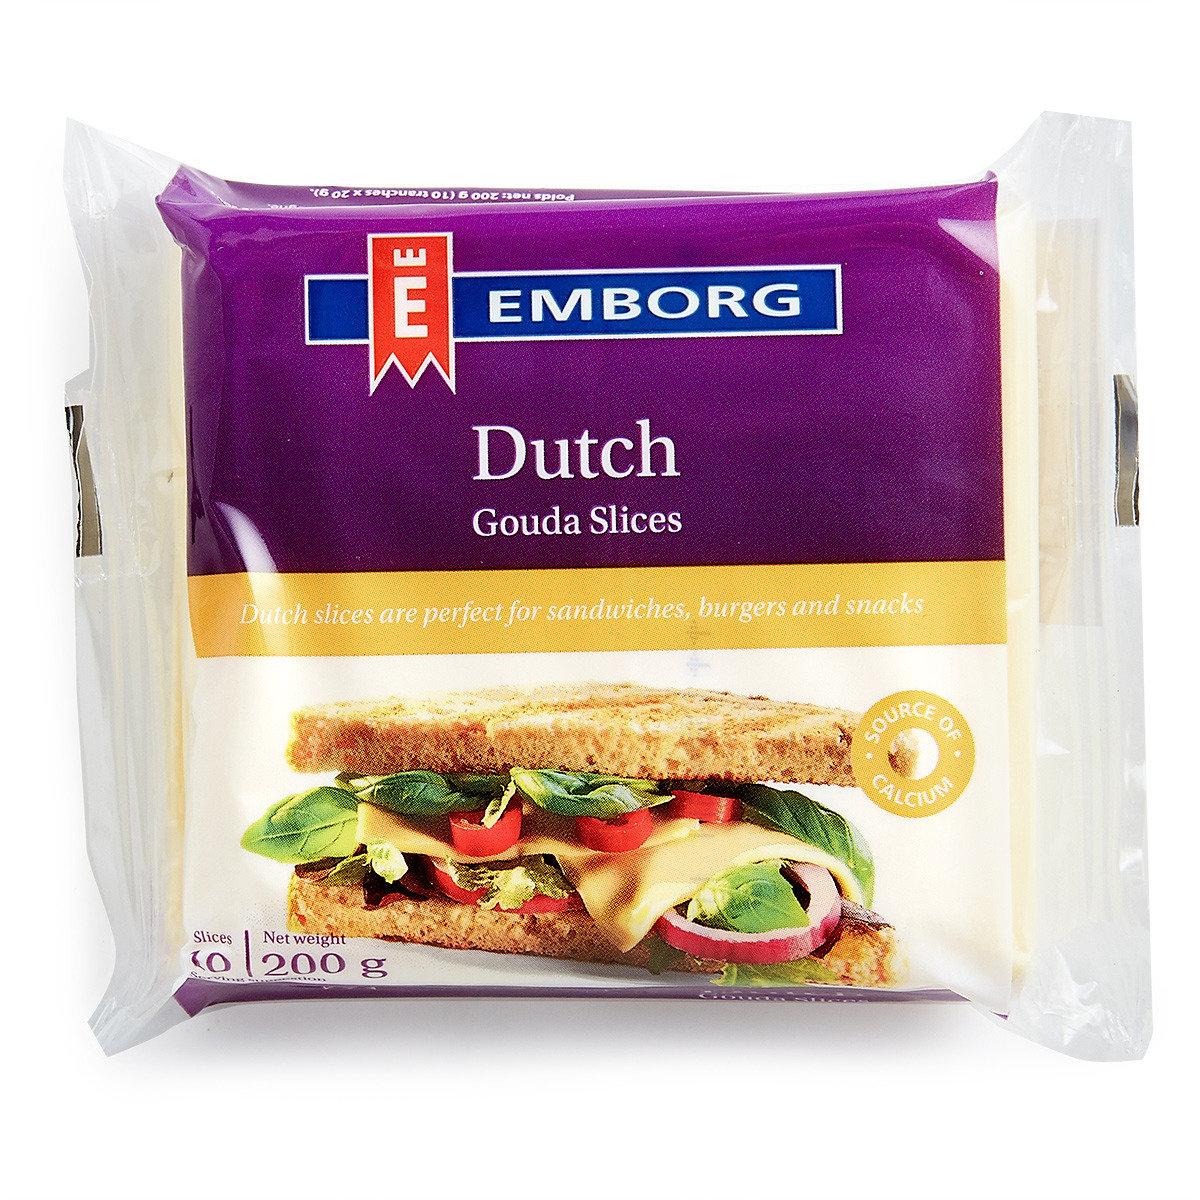 丹麥紫堡牌高打片裝芝士 (10片) (冷凍)